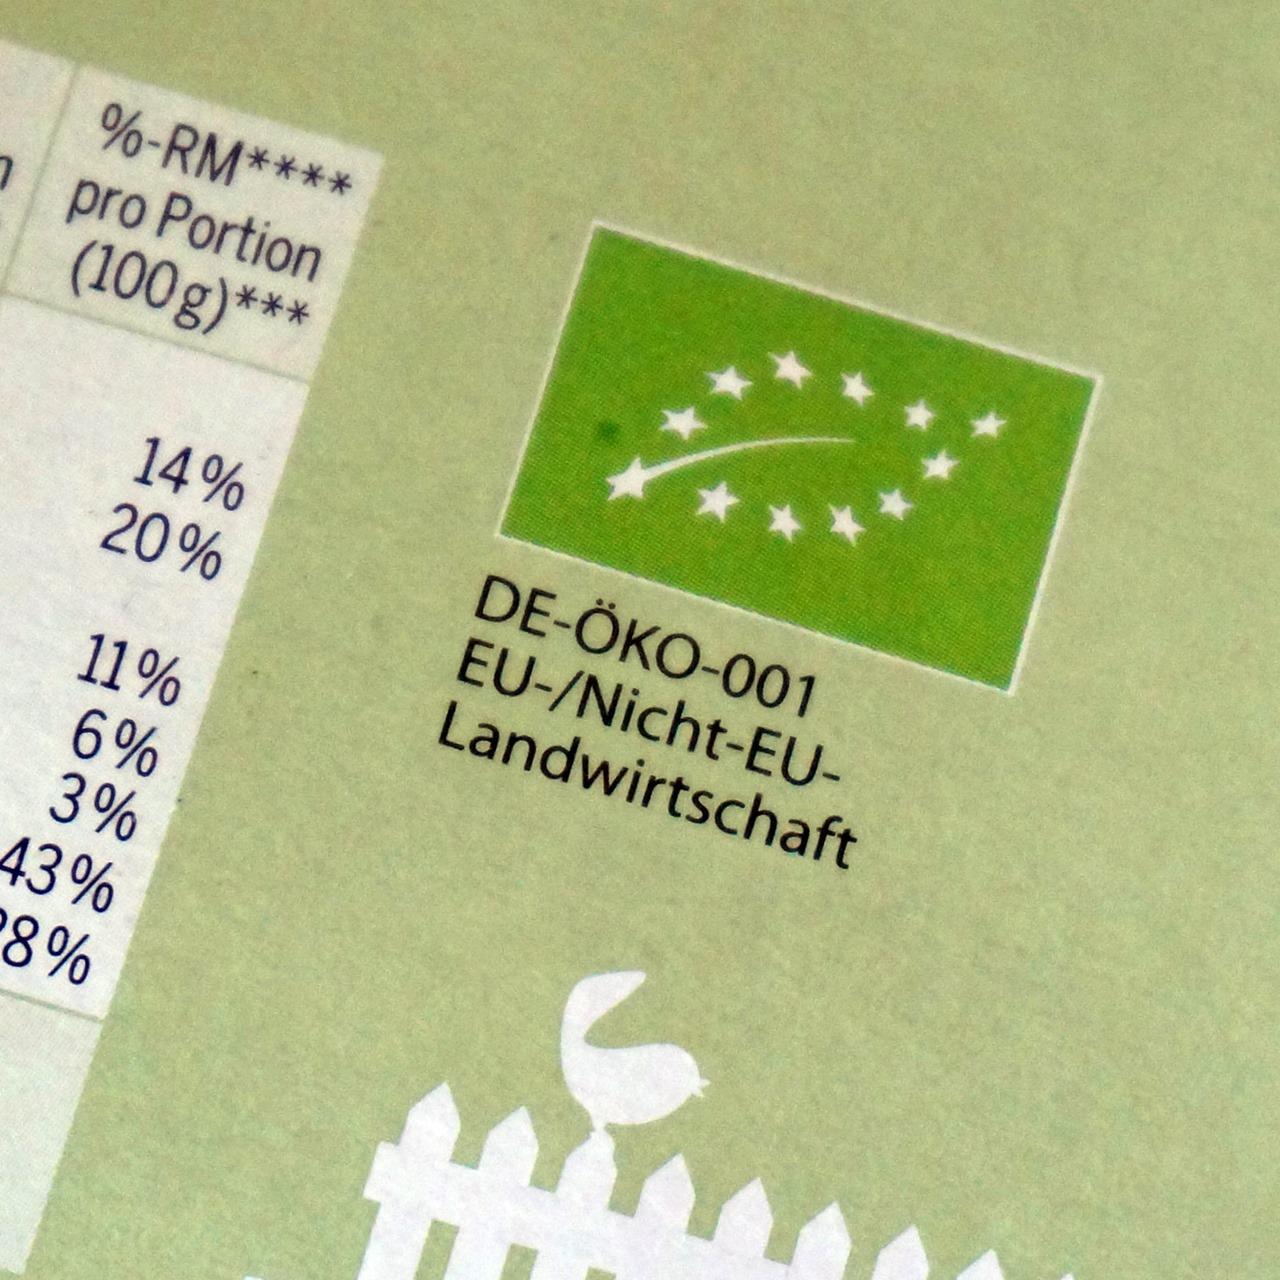 EU-Bio-Siegel: Auf die Herkunft achten